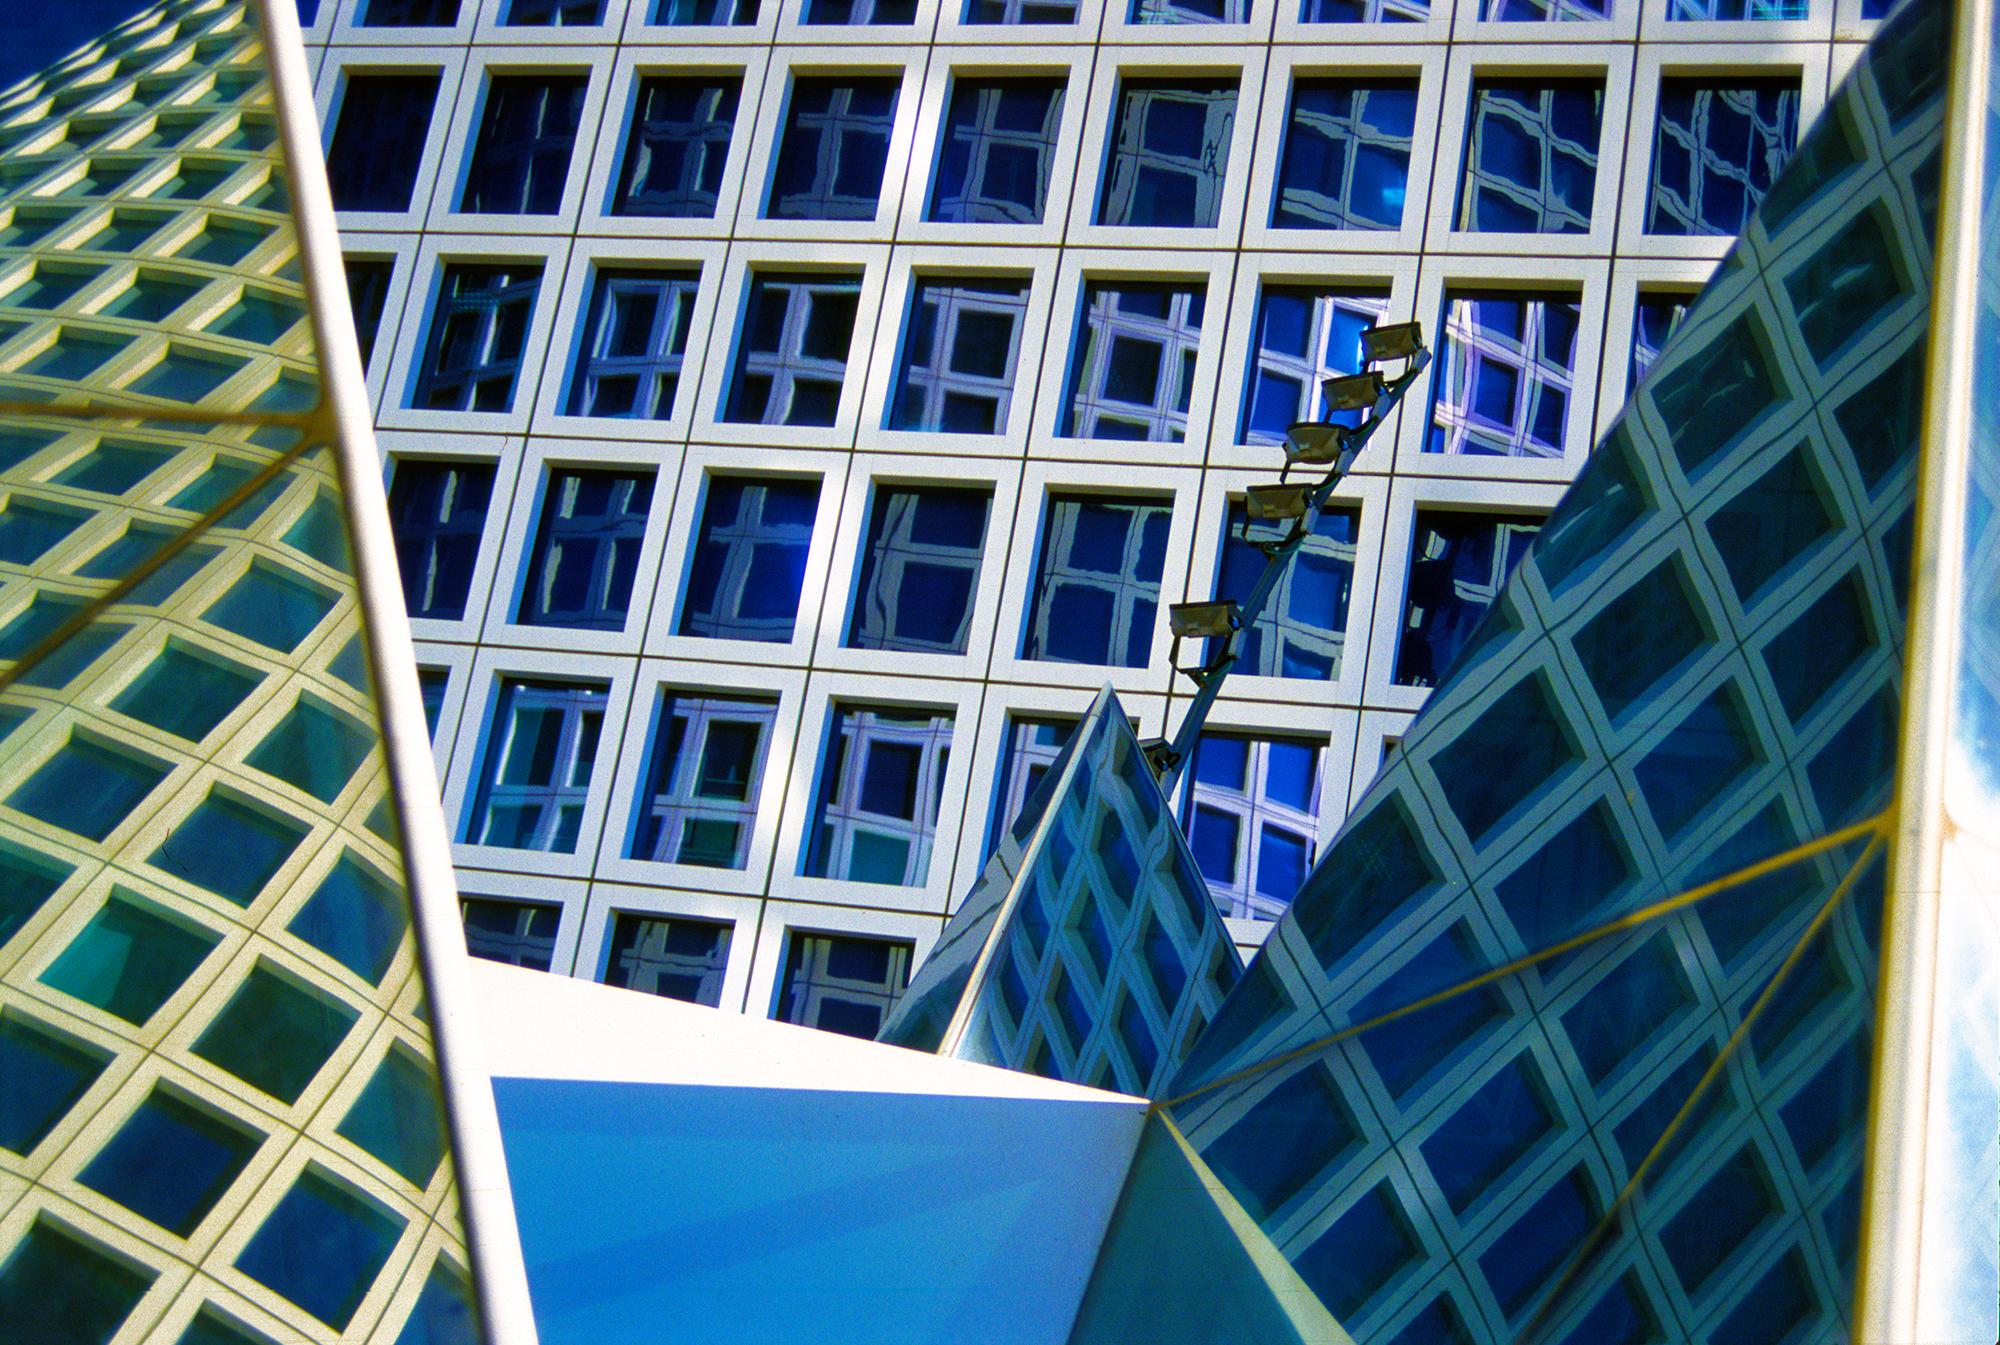 TEL_AVIV_towers___13.jpg